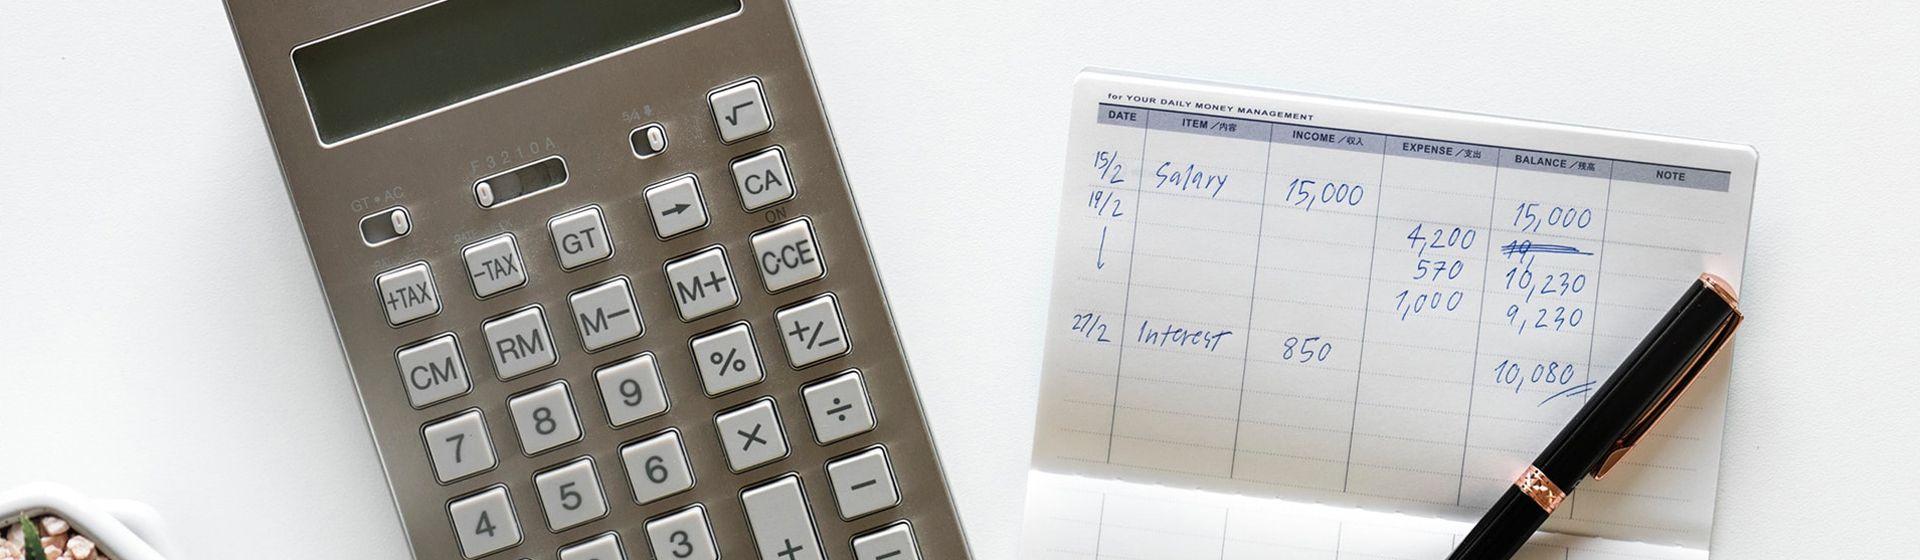 BFH-Urteil: Abfindungen erhalten ermäßigten Steuersatz.